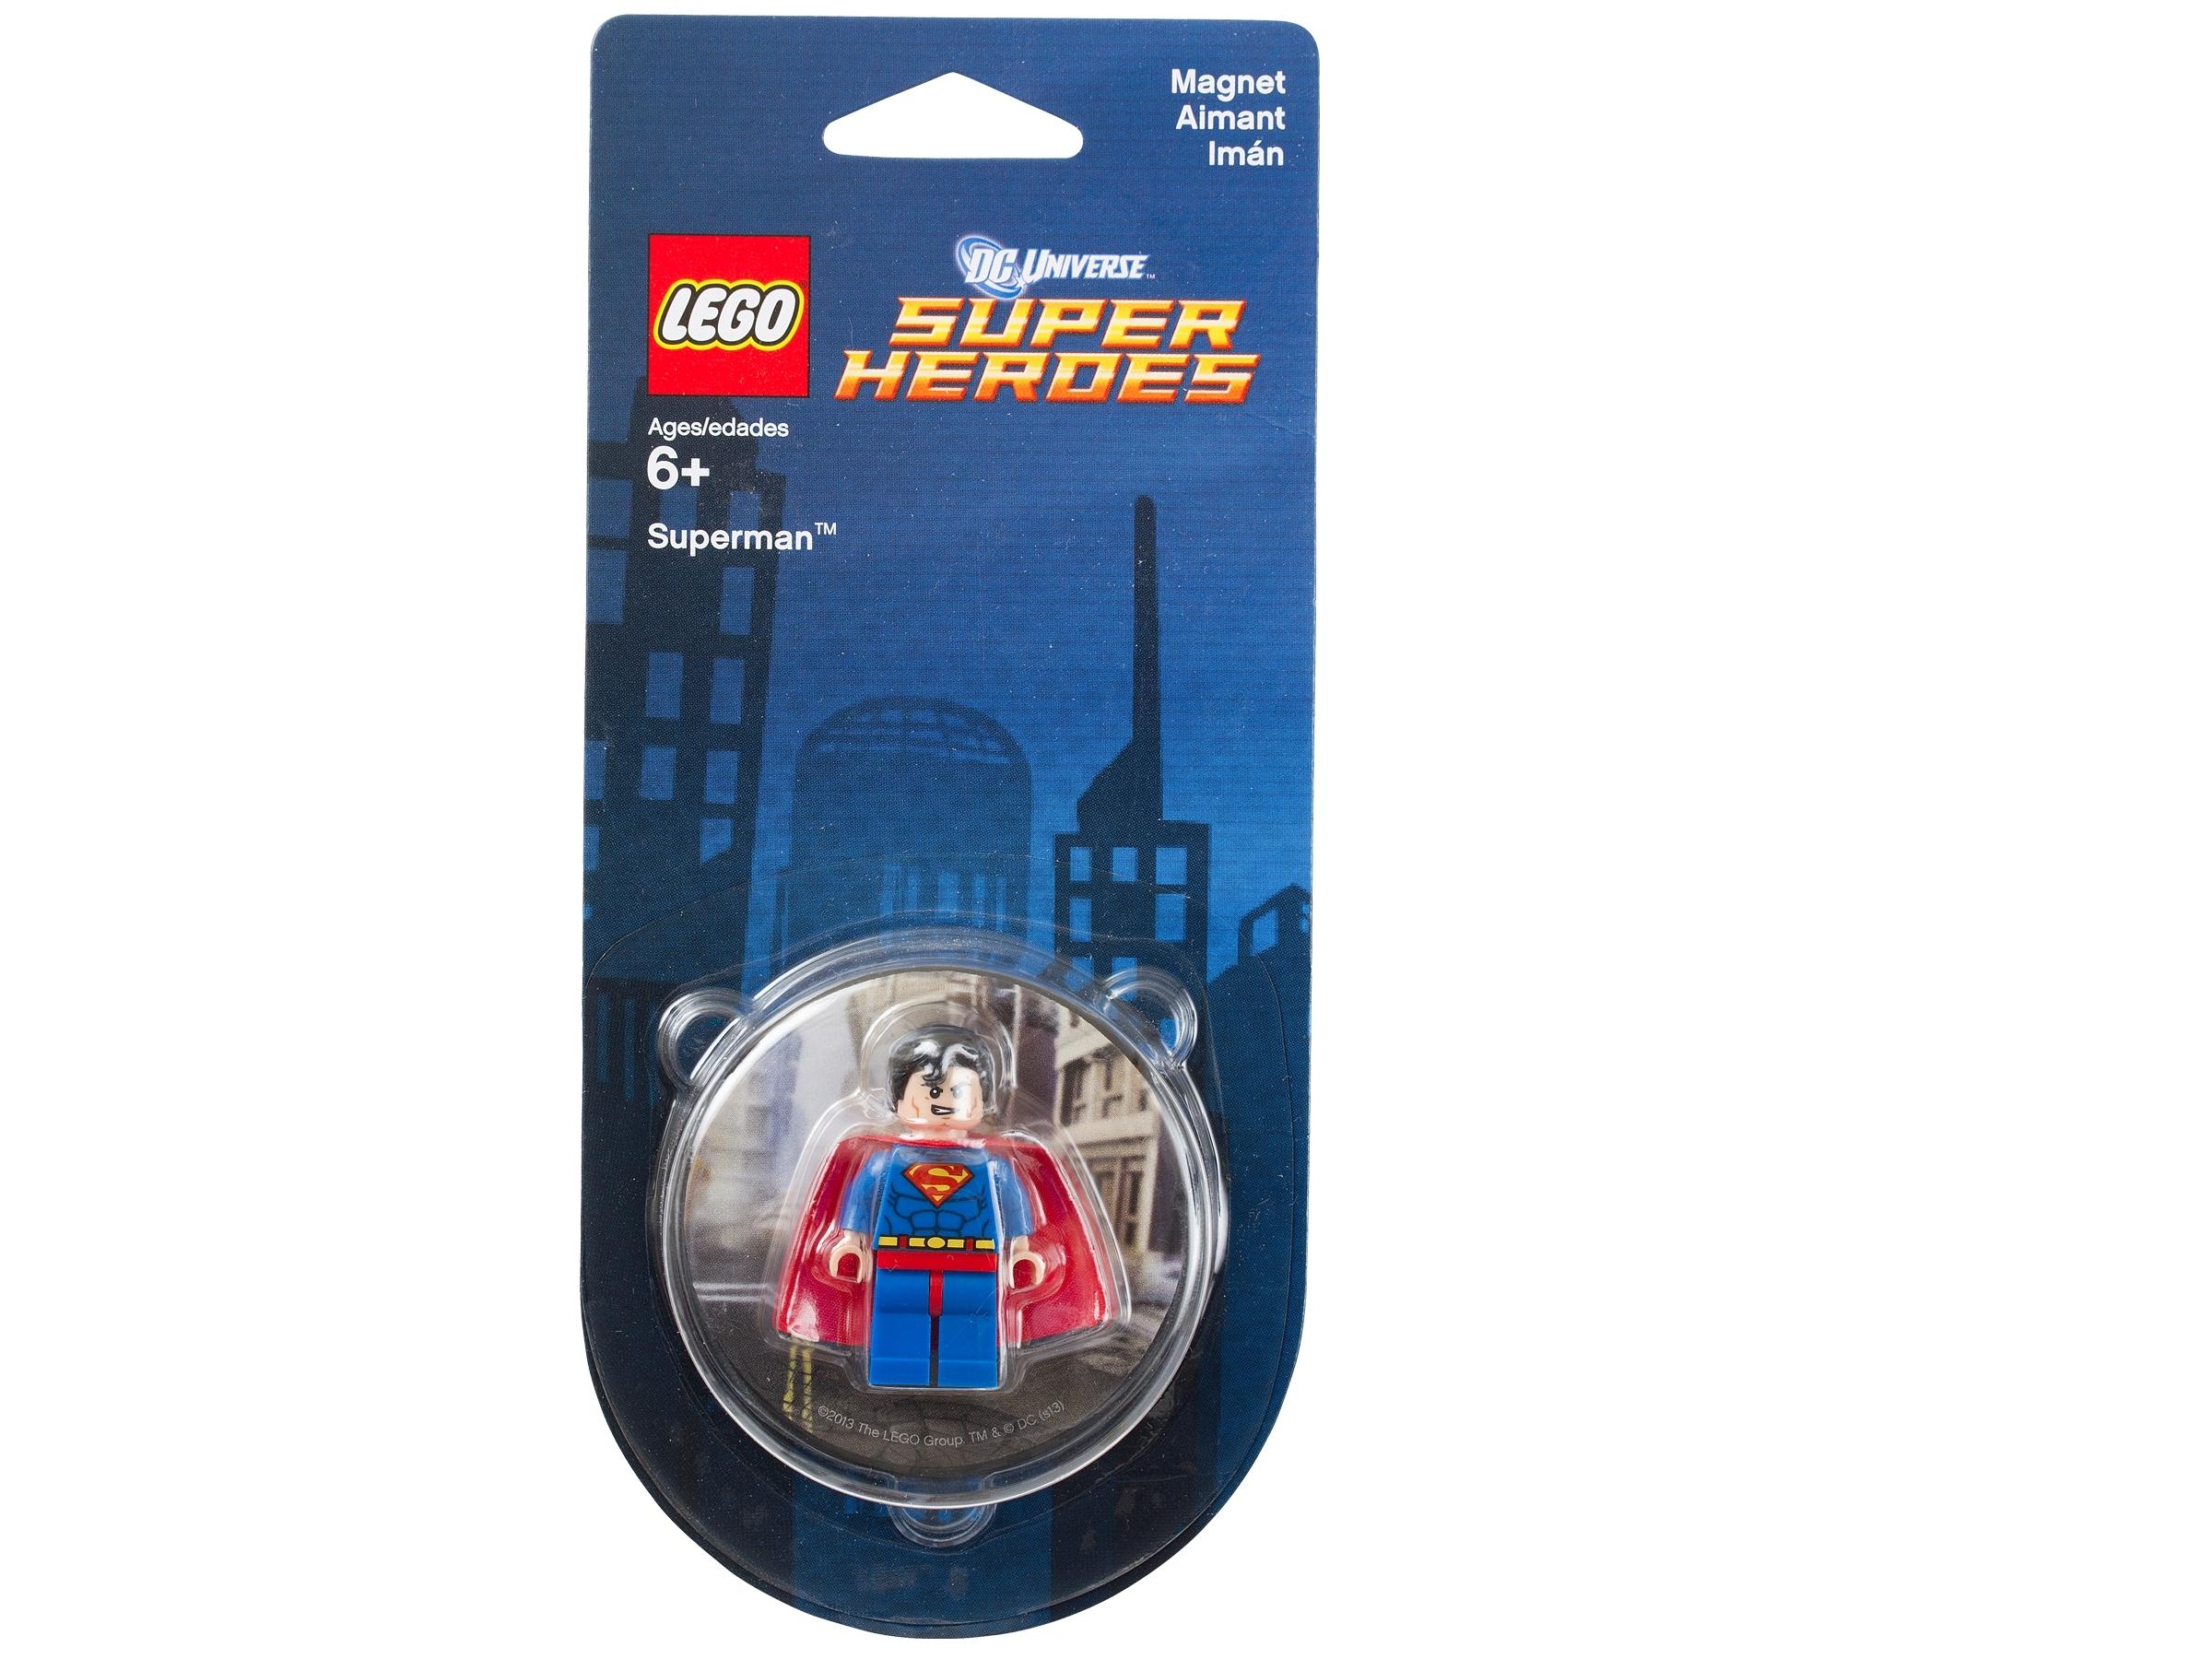 850670 virallinen lego 850670 kaupasta fi